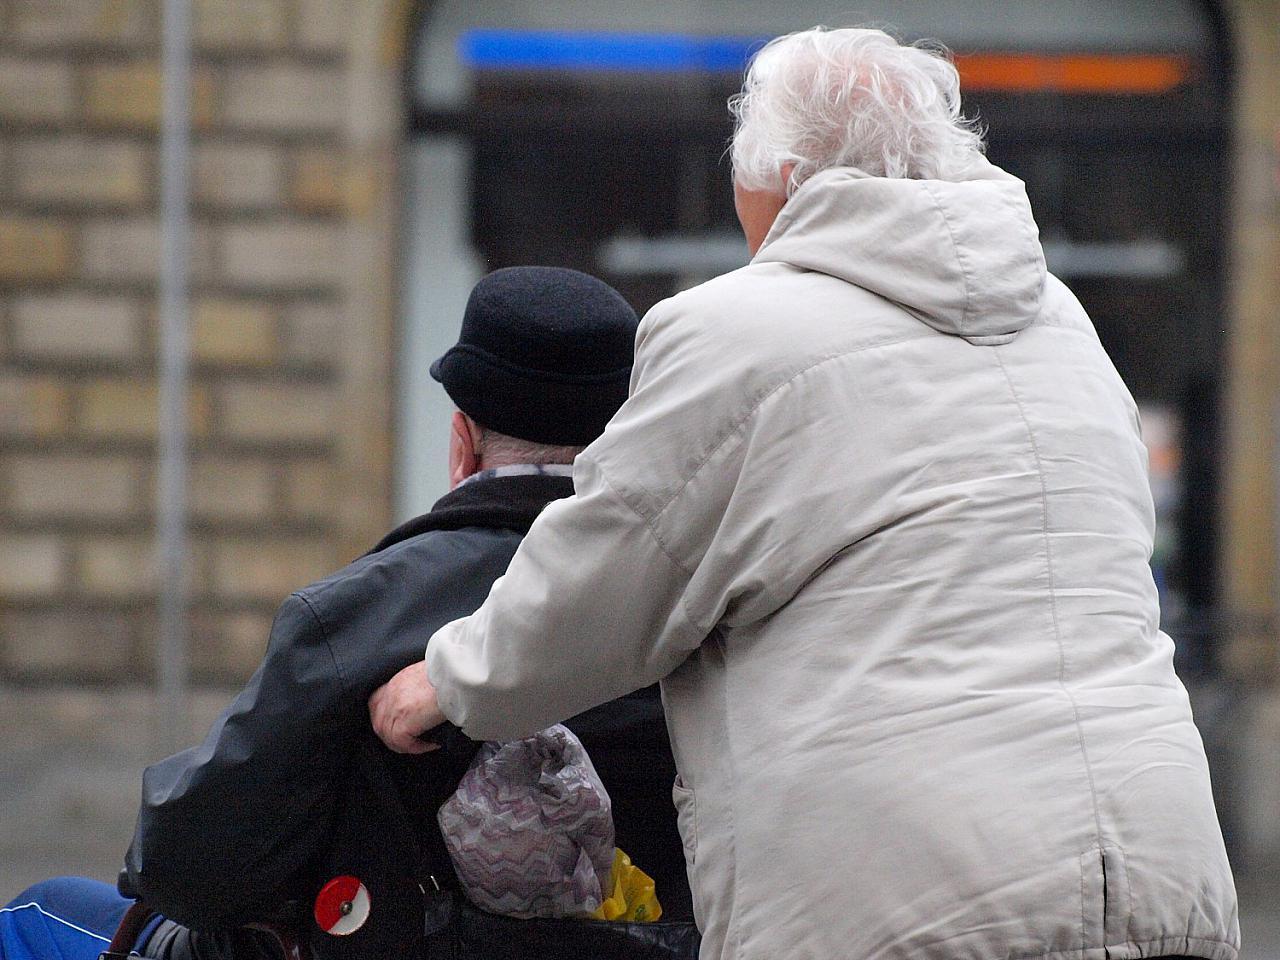 Pflegebeauftragter für pragmatische Besuchsregeln in Seniorenheimen